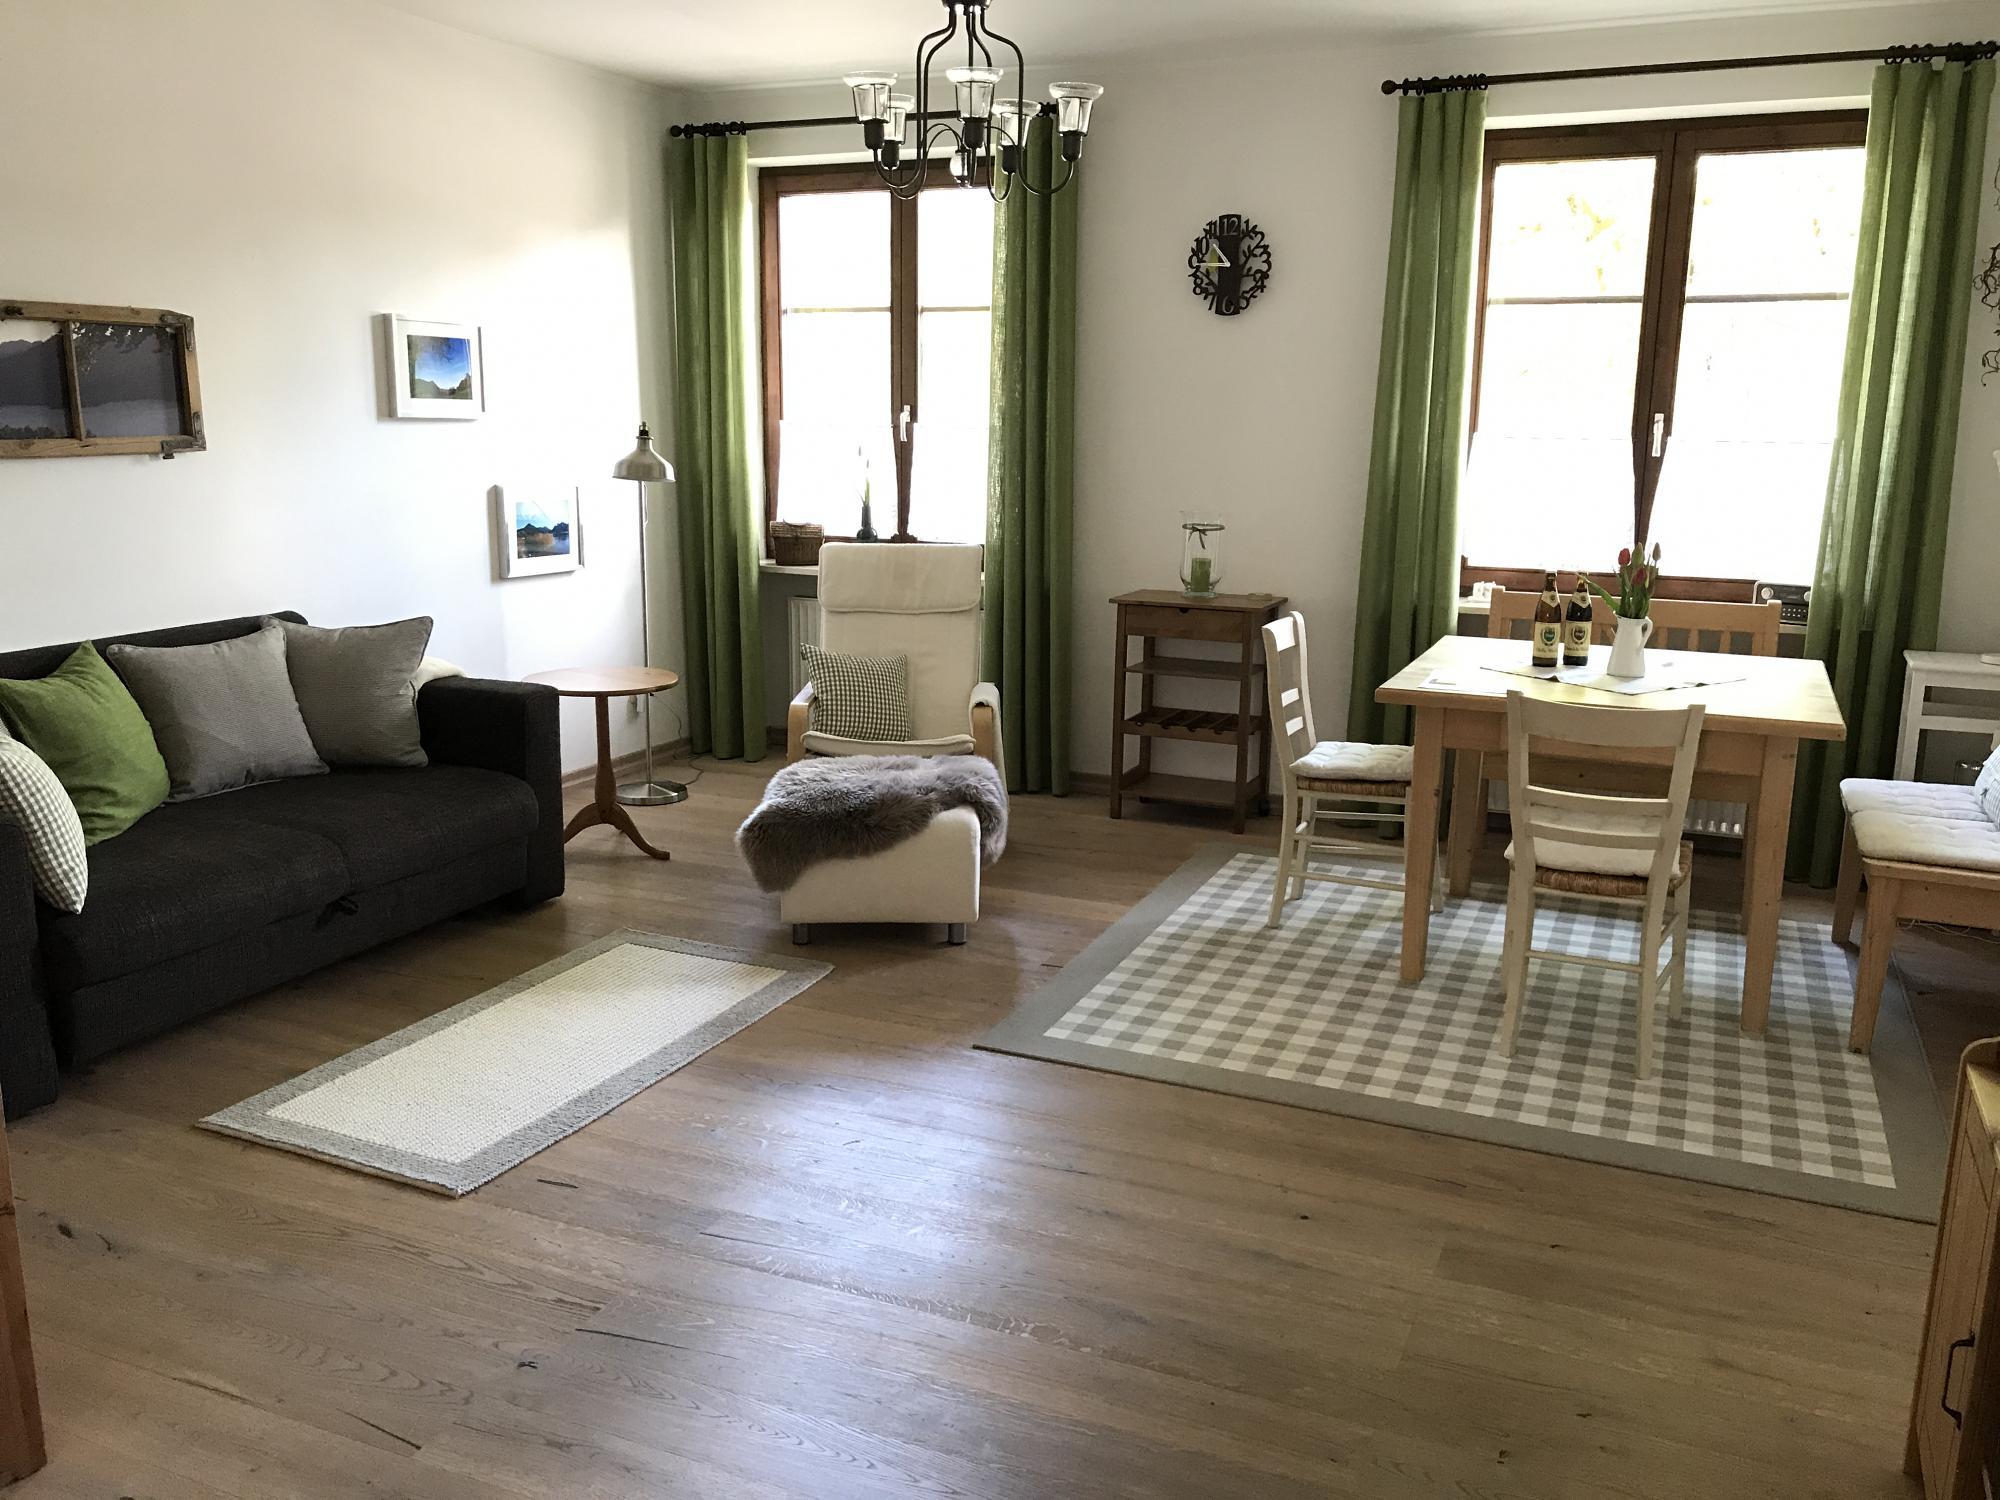 ferienwohnung am schliersee schliersee. Black Bedroom Furniture Sets. Home Design Ideas